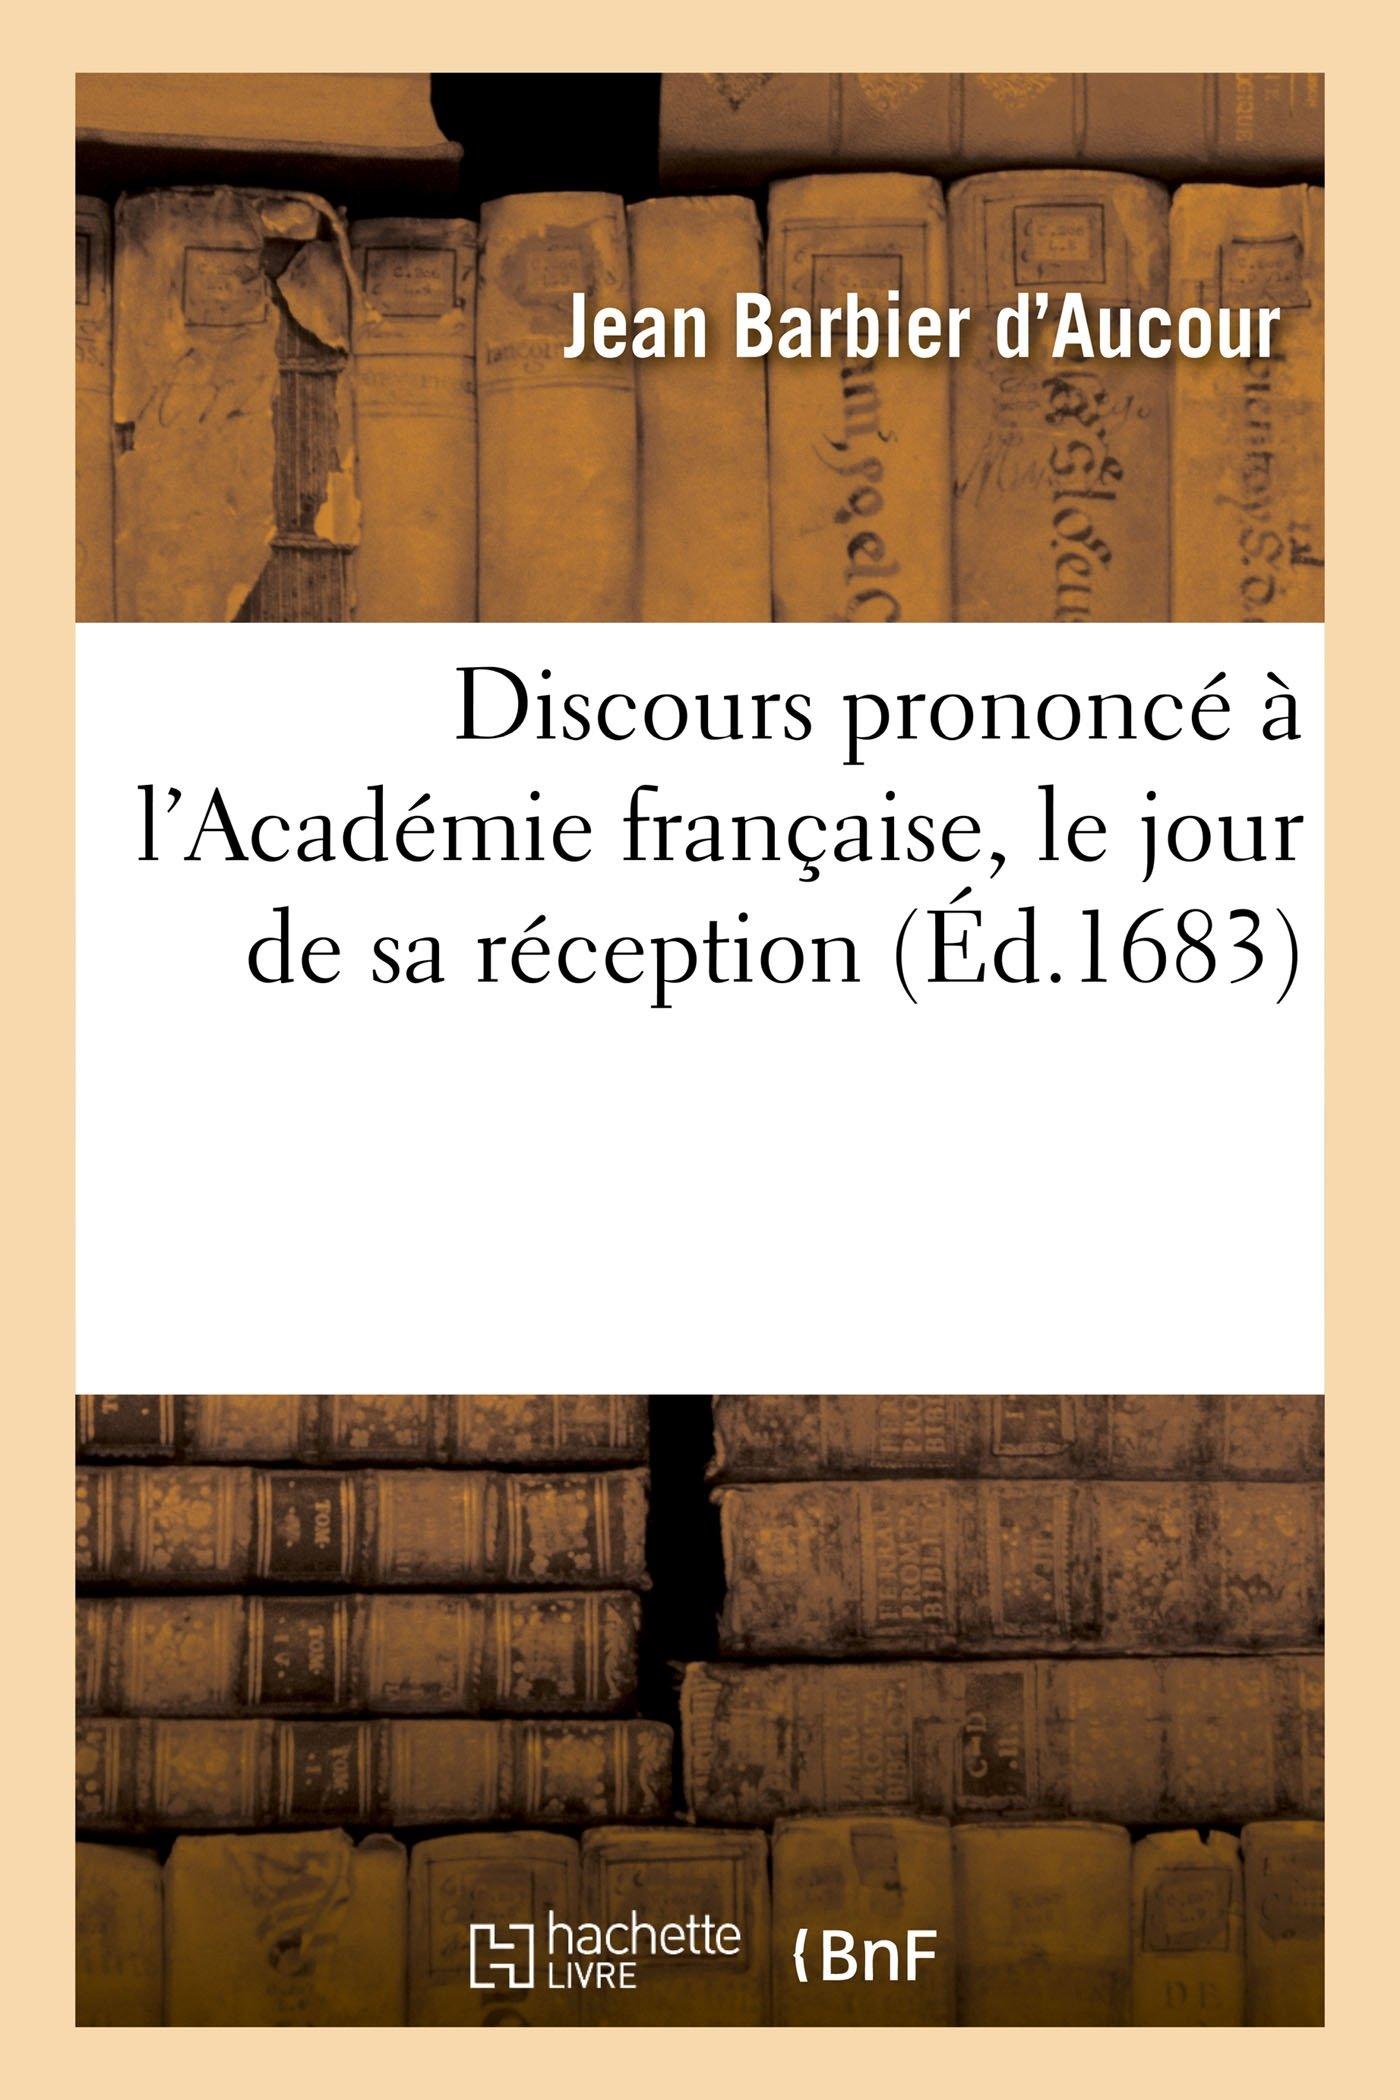 Discours Prononcé À l'Académie Française Par M. Daucour, Le Jour de Sa Réception (Litterature) (French Edition) ebook